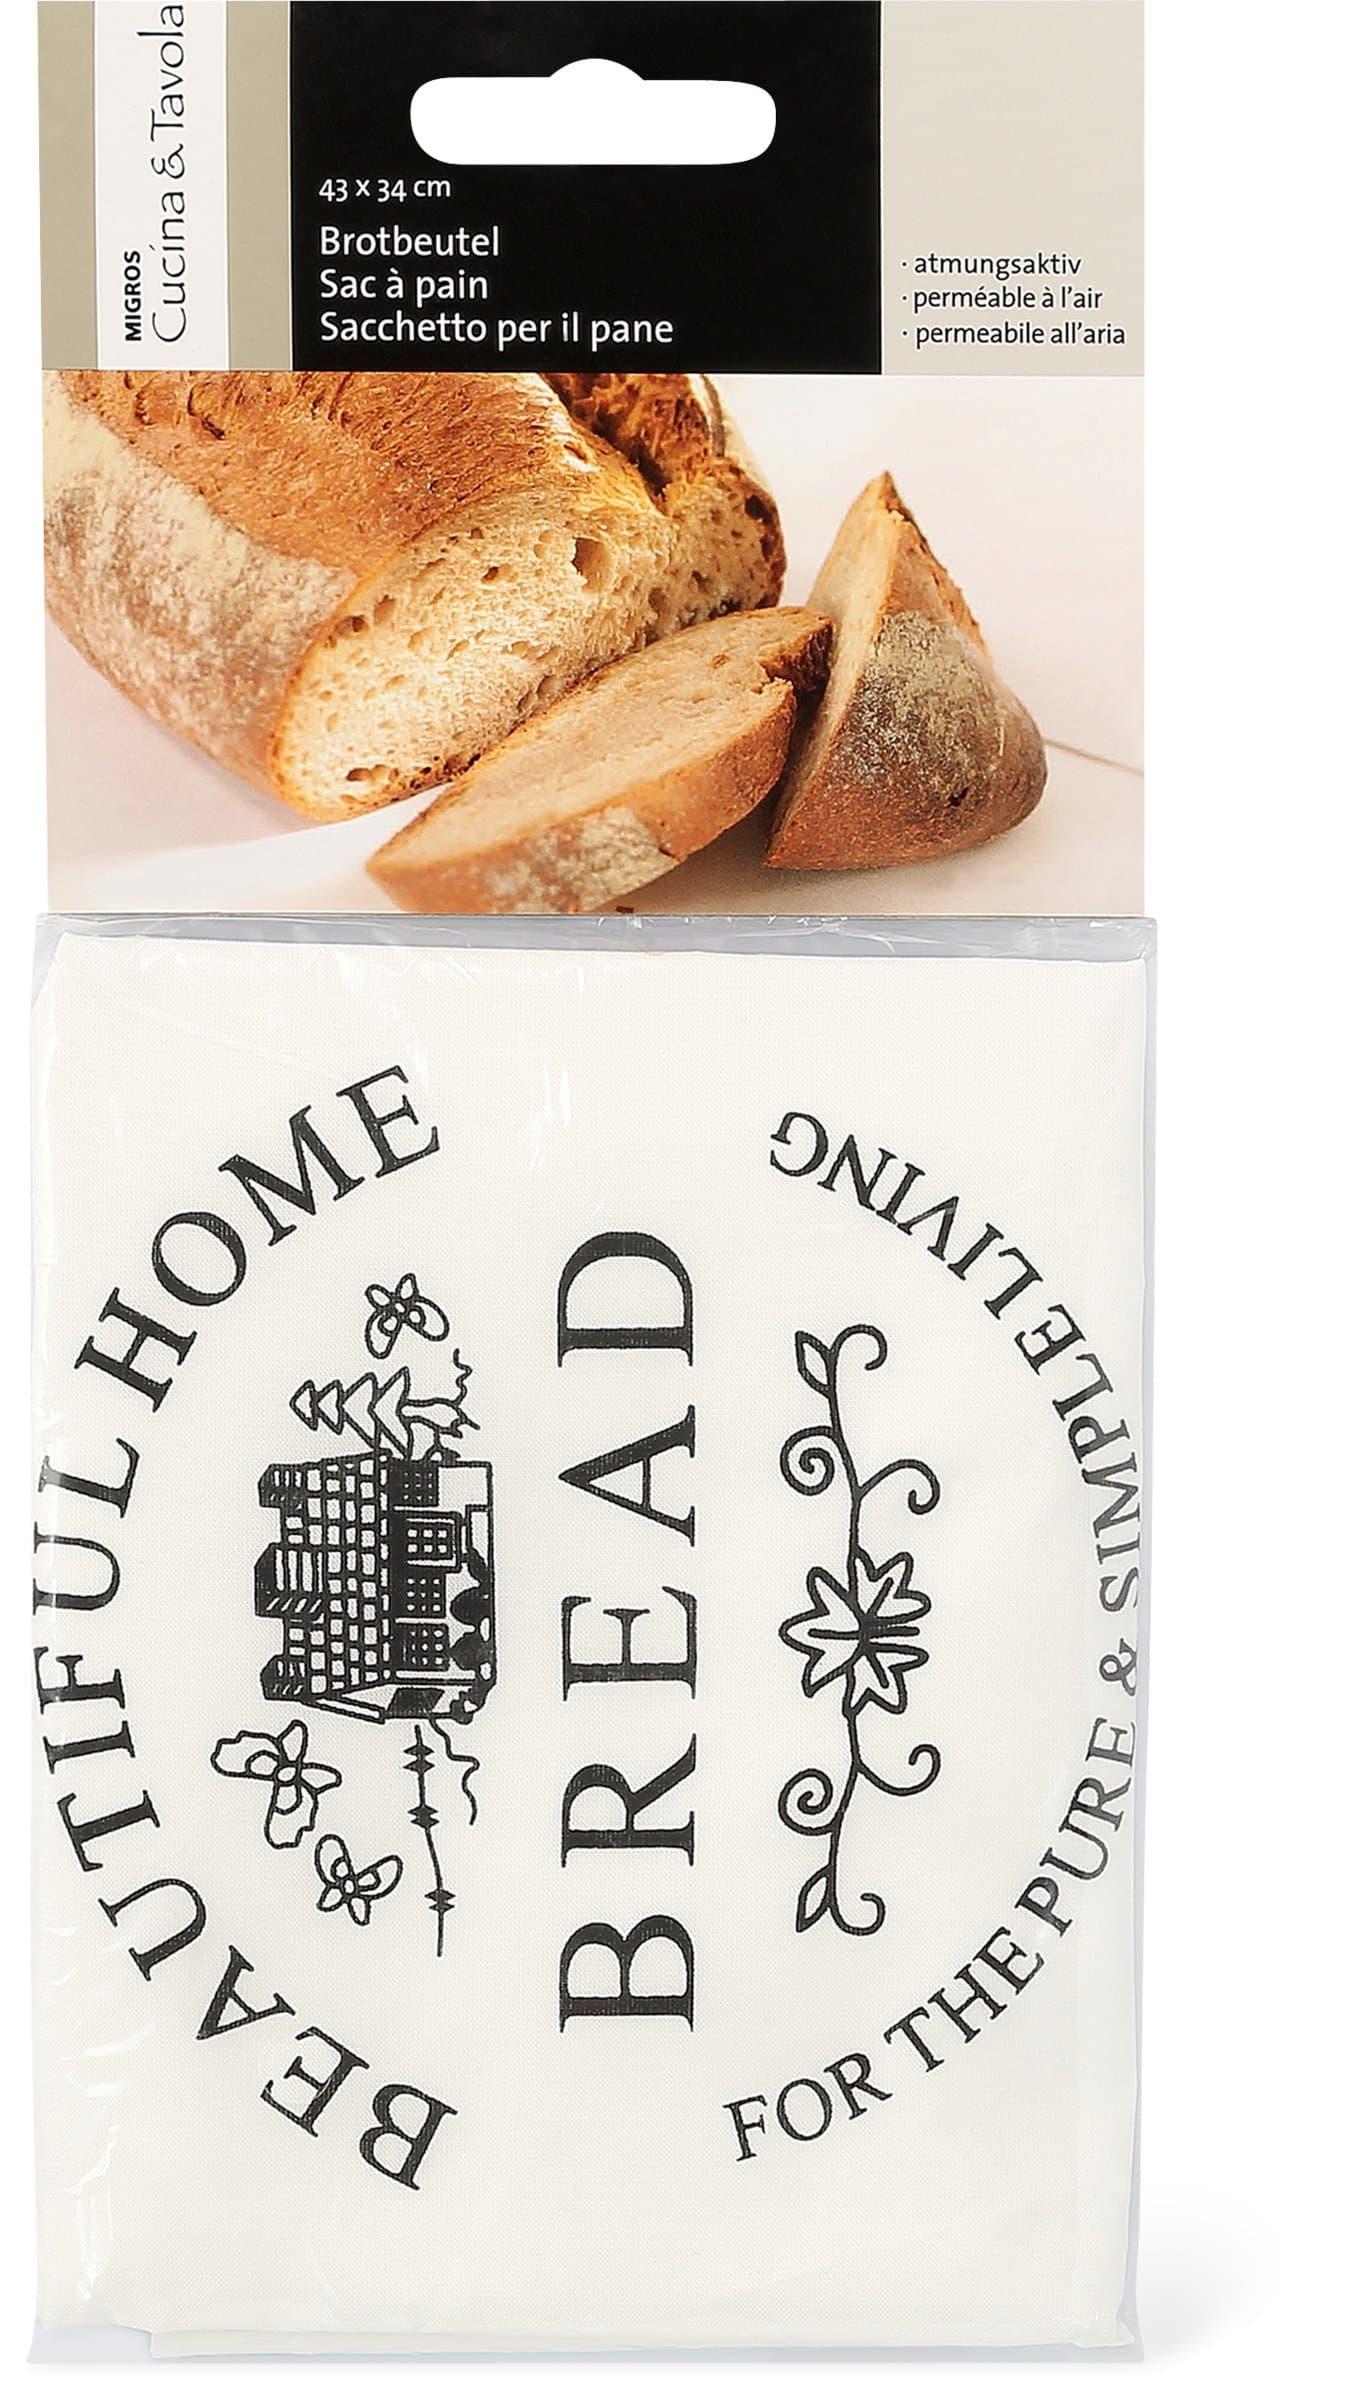 Cucina & Tavola Sacchetto per il pane